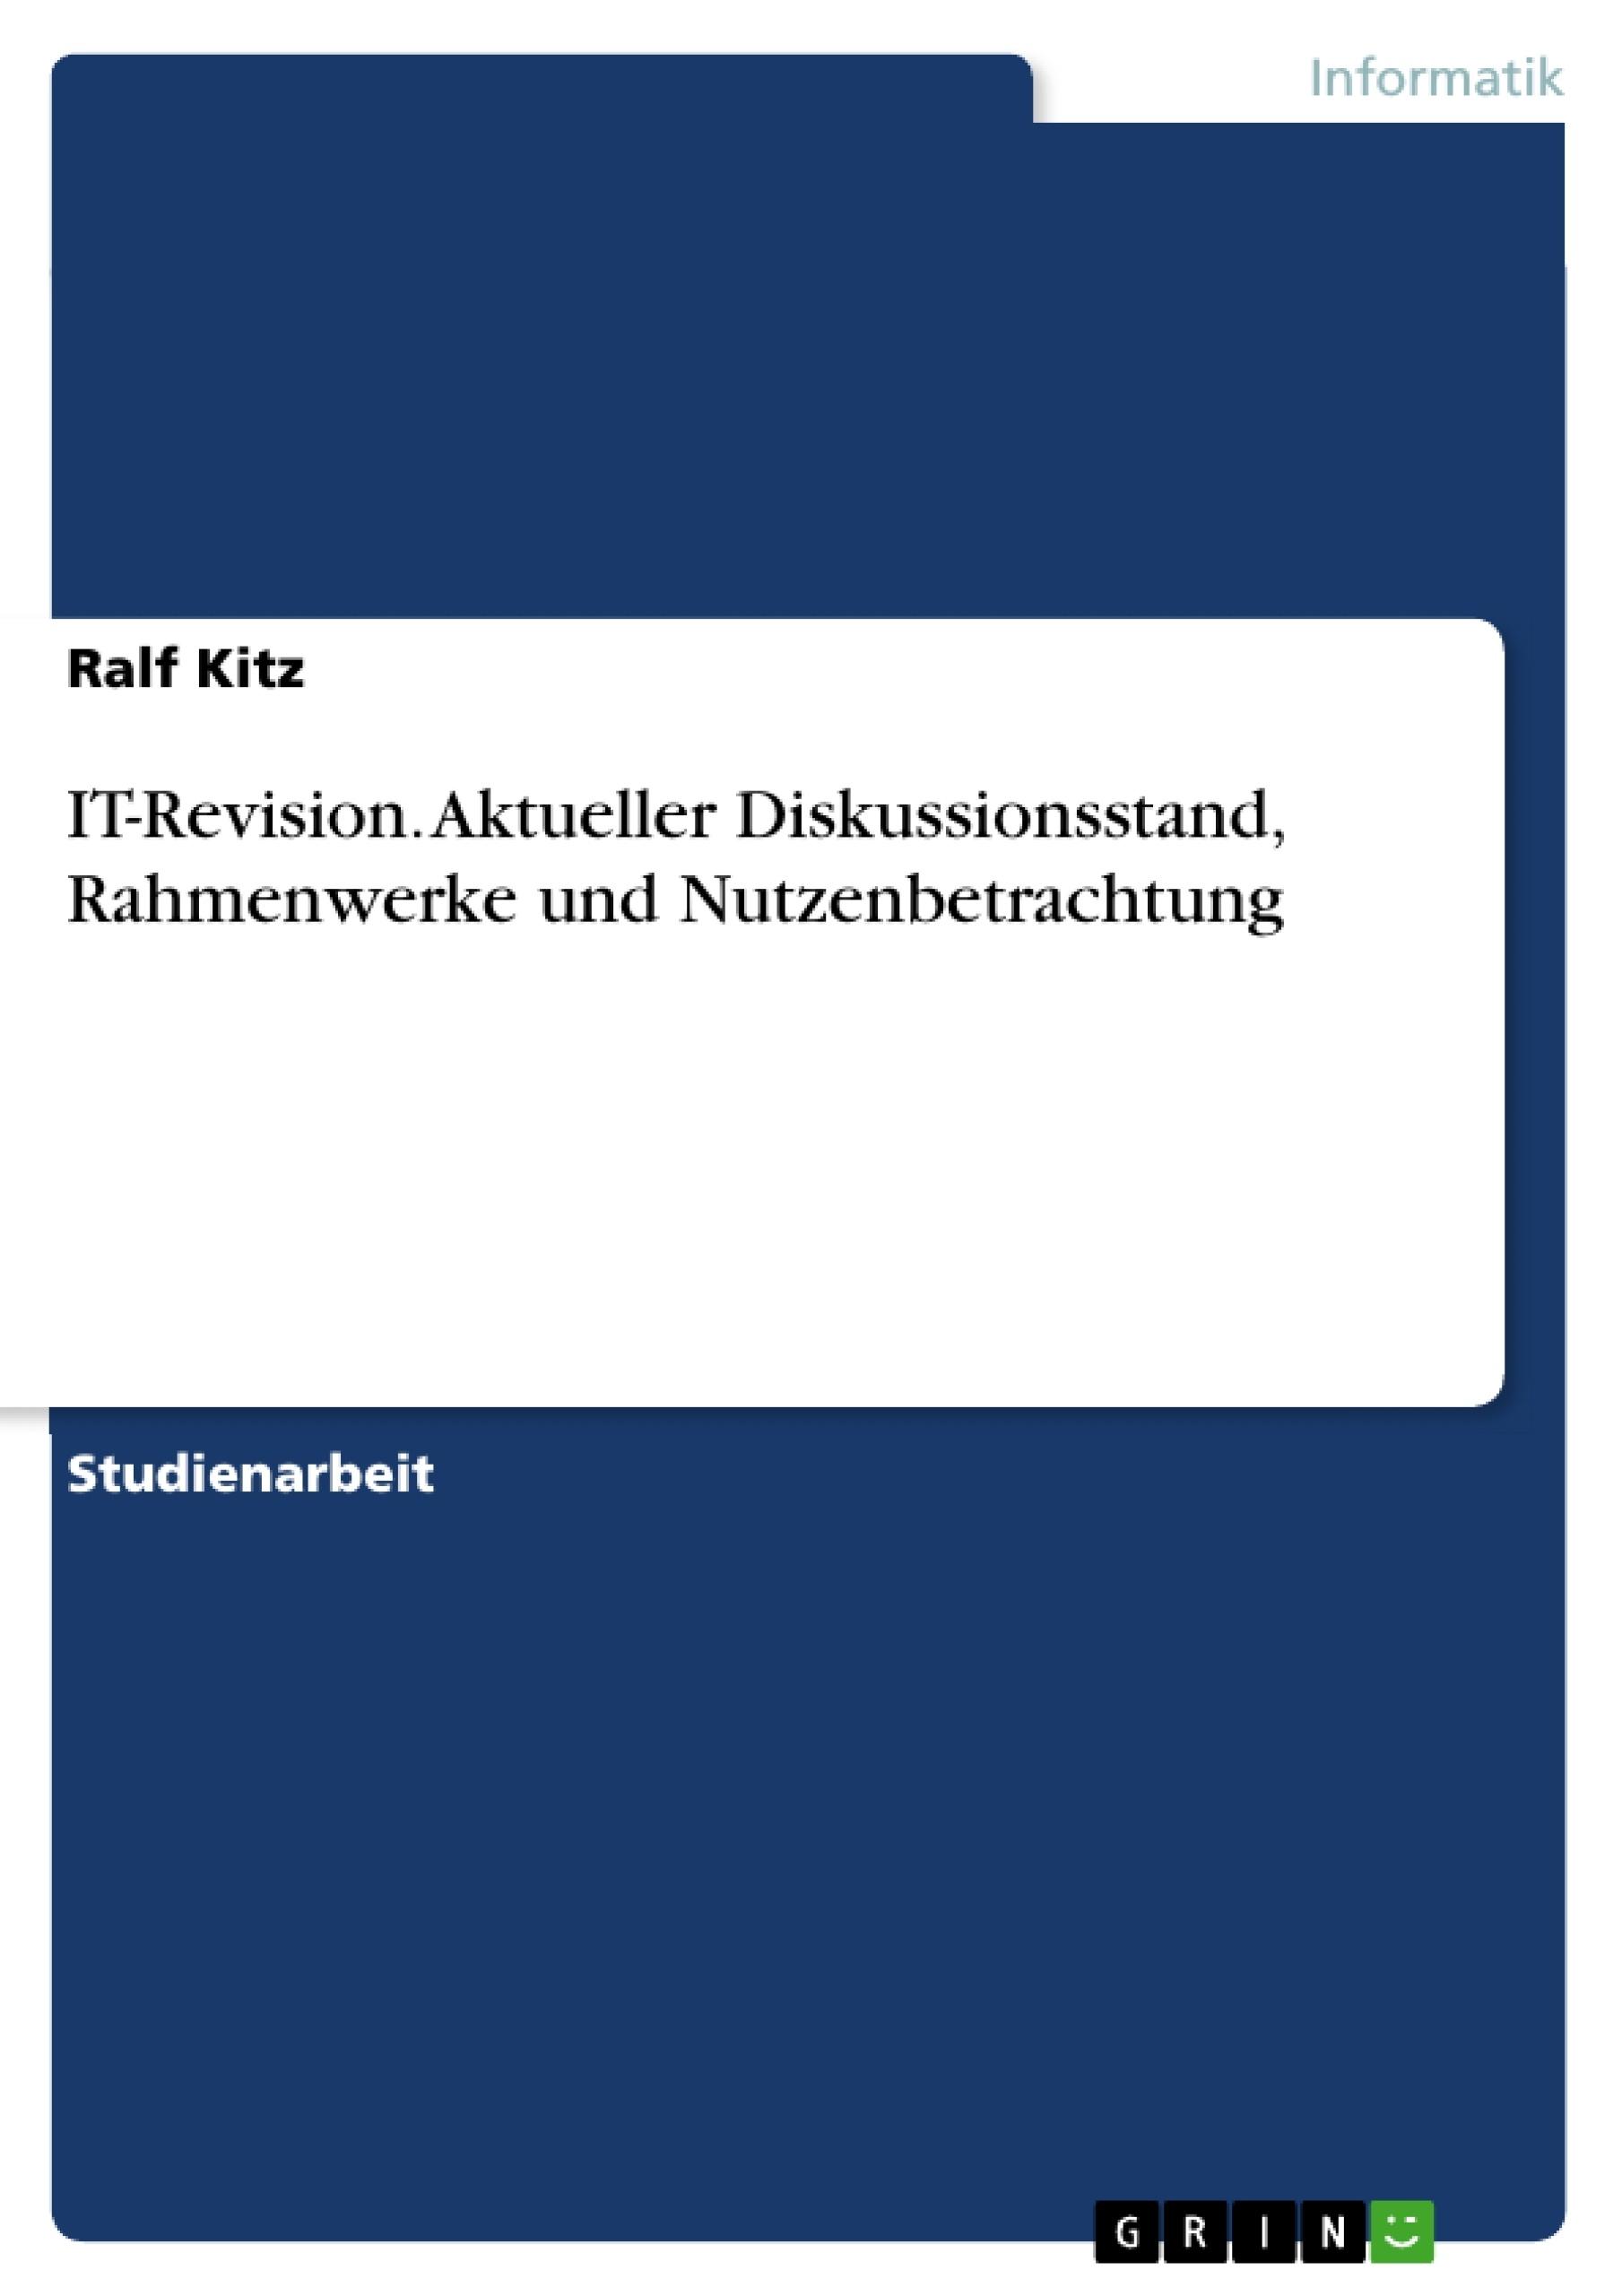 Titel: IT-Revision. Aktueller Diskussionsstand, Rahmenwerke und Nutzenbetrachtung